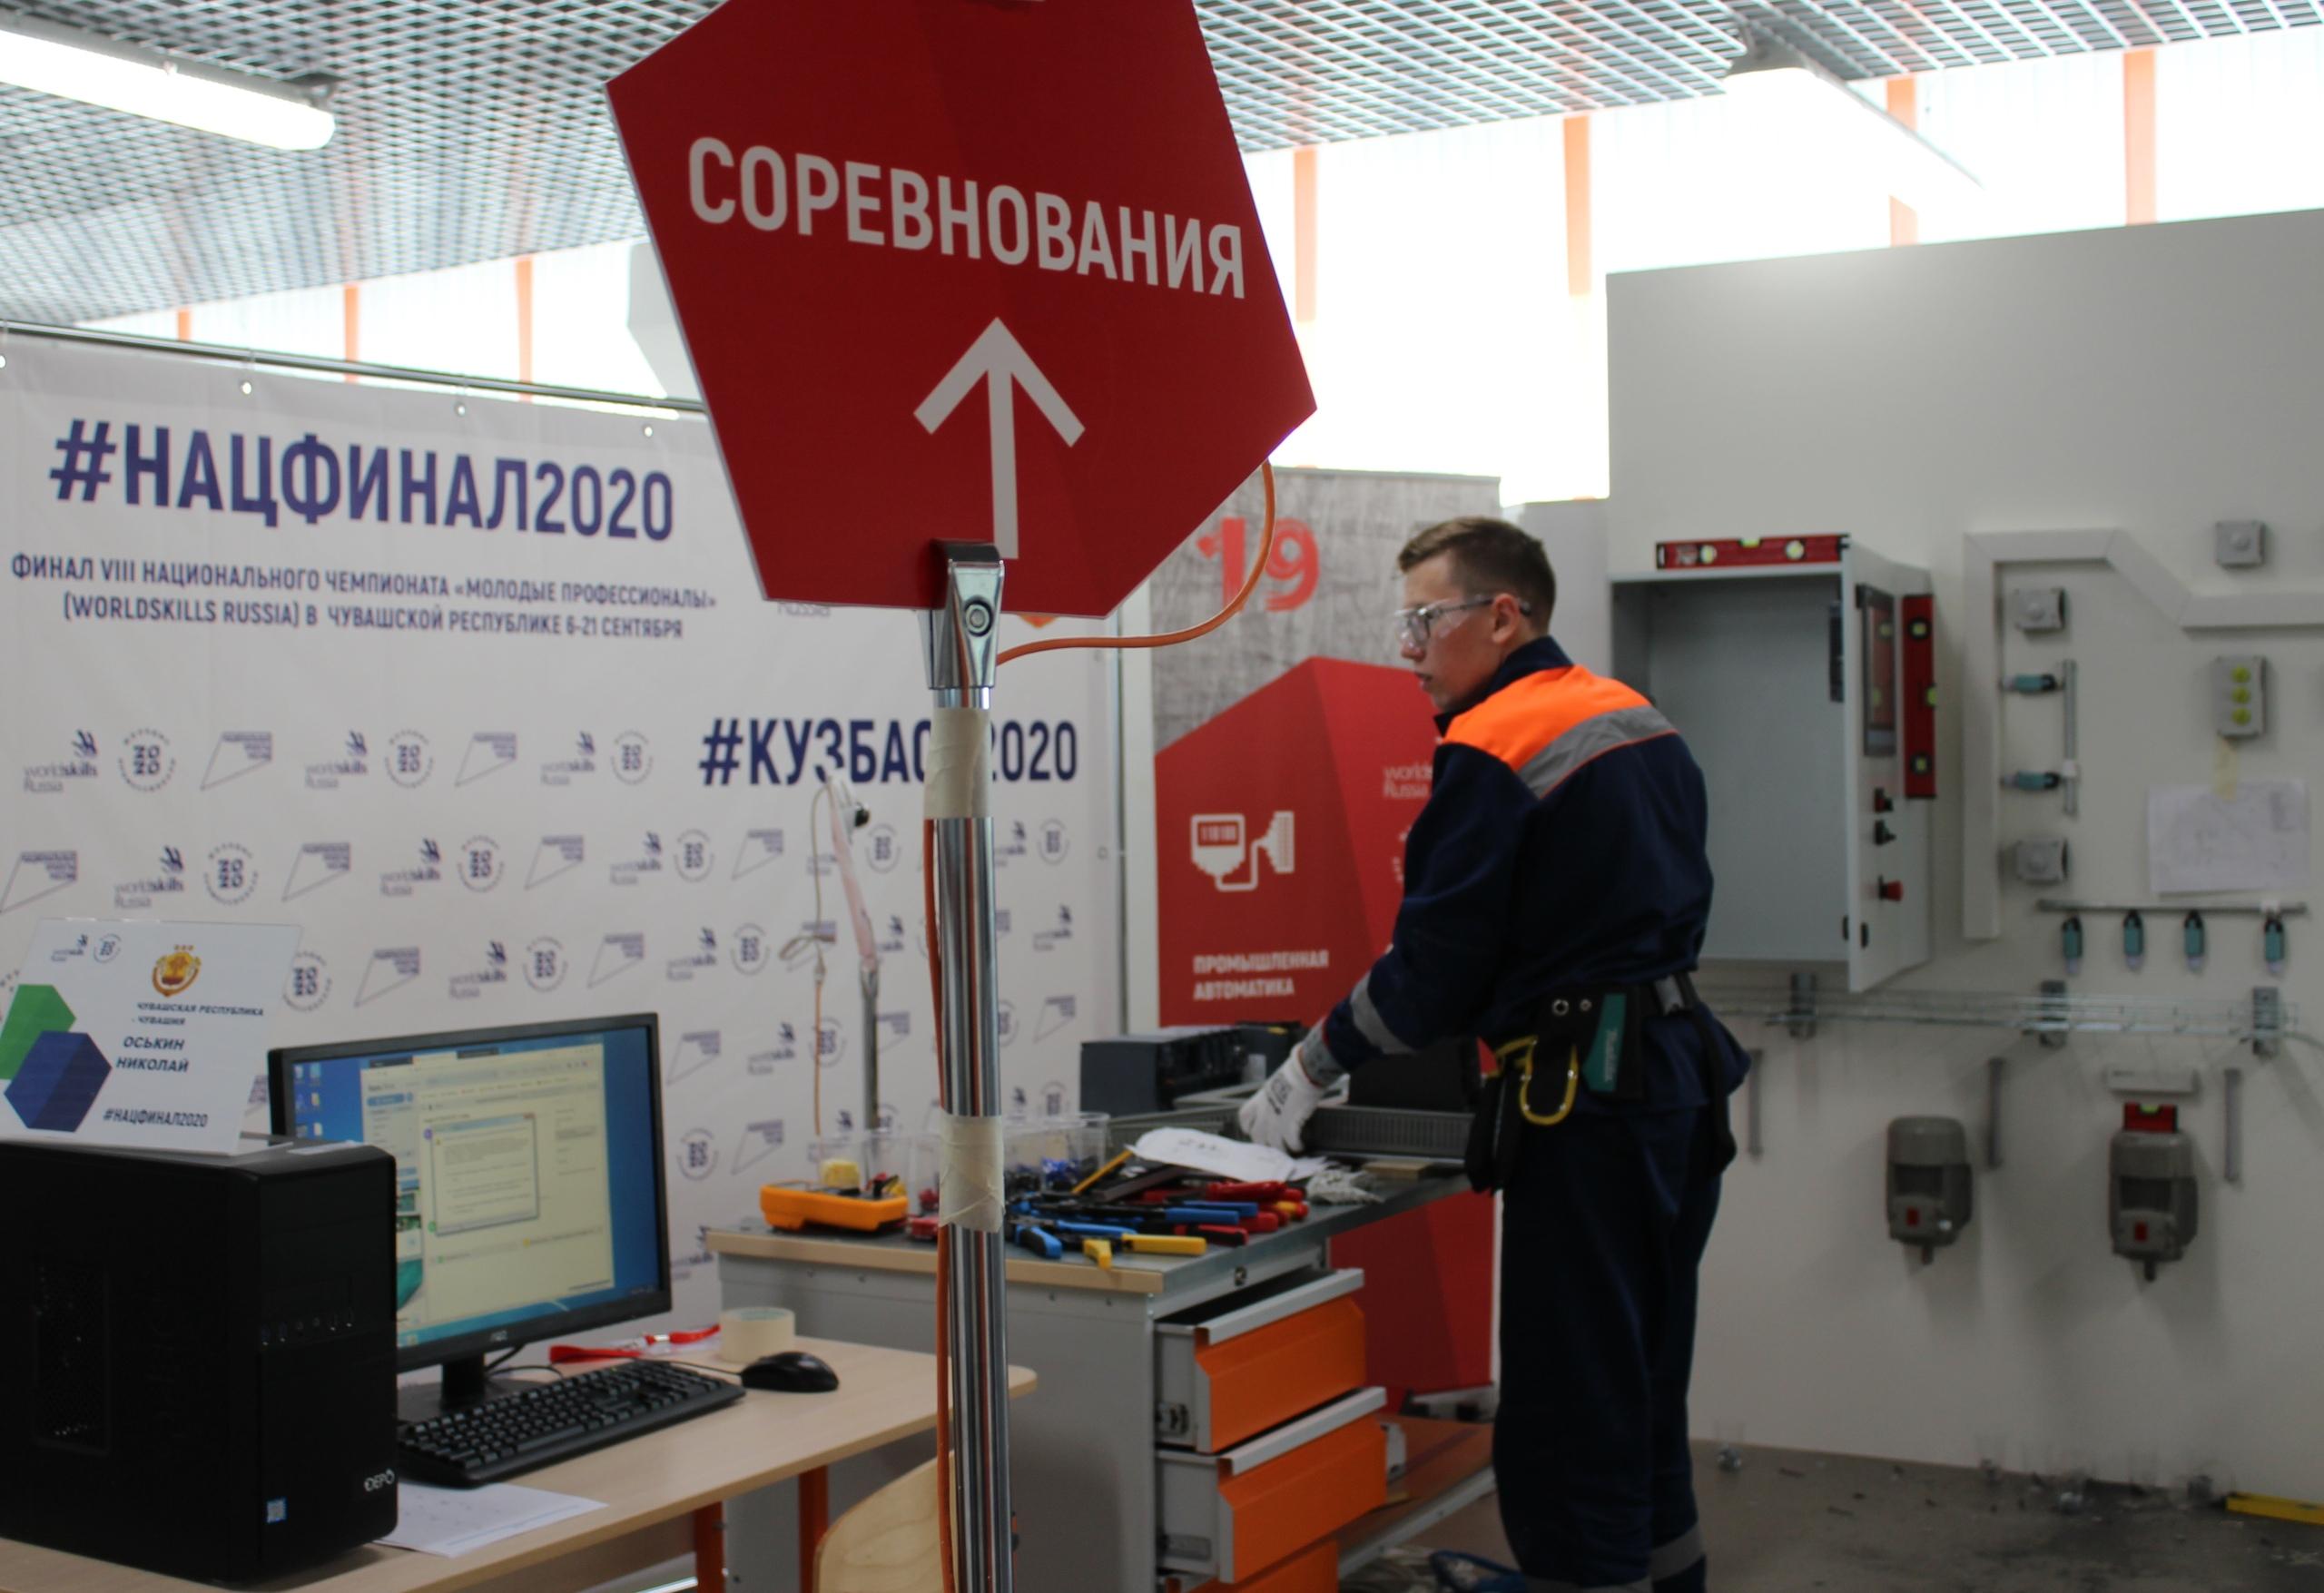 Представители сборной Чувашской Республики вступили в борьбу за первенство в Нацфинале WorldSkills Russia-2020